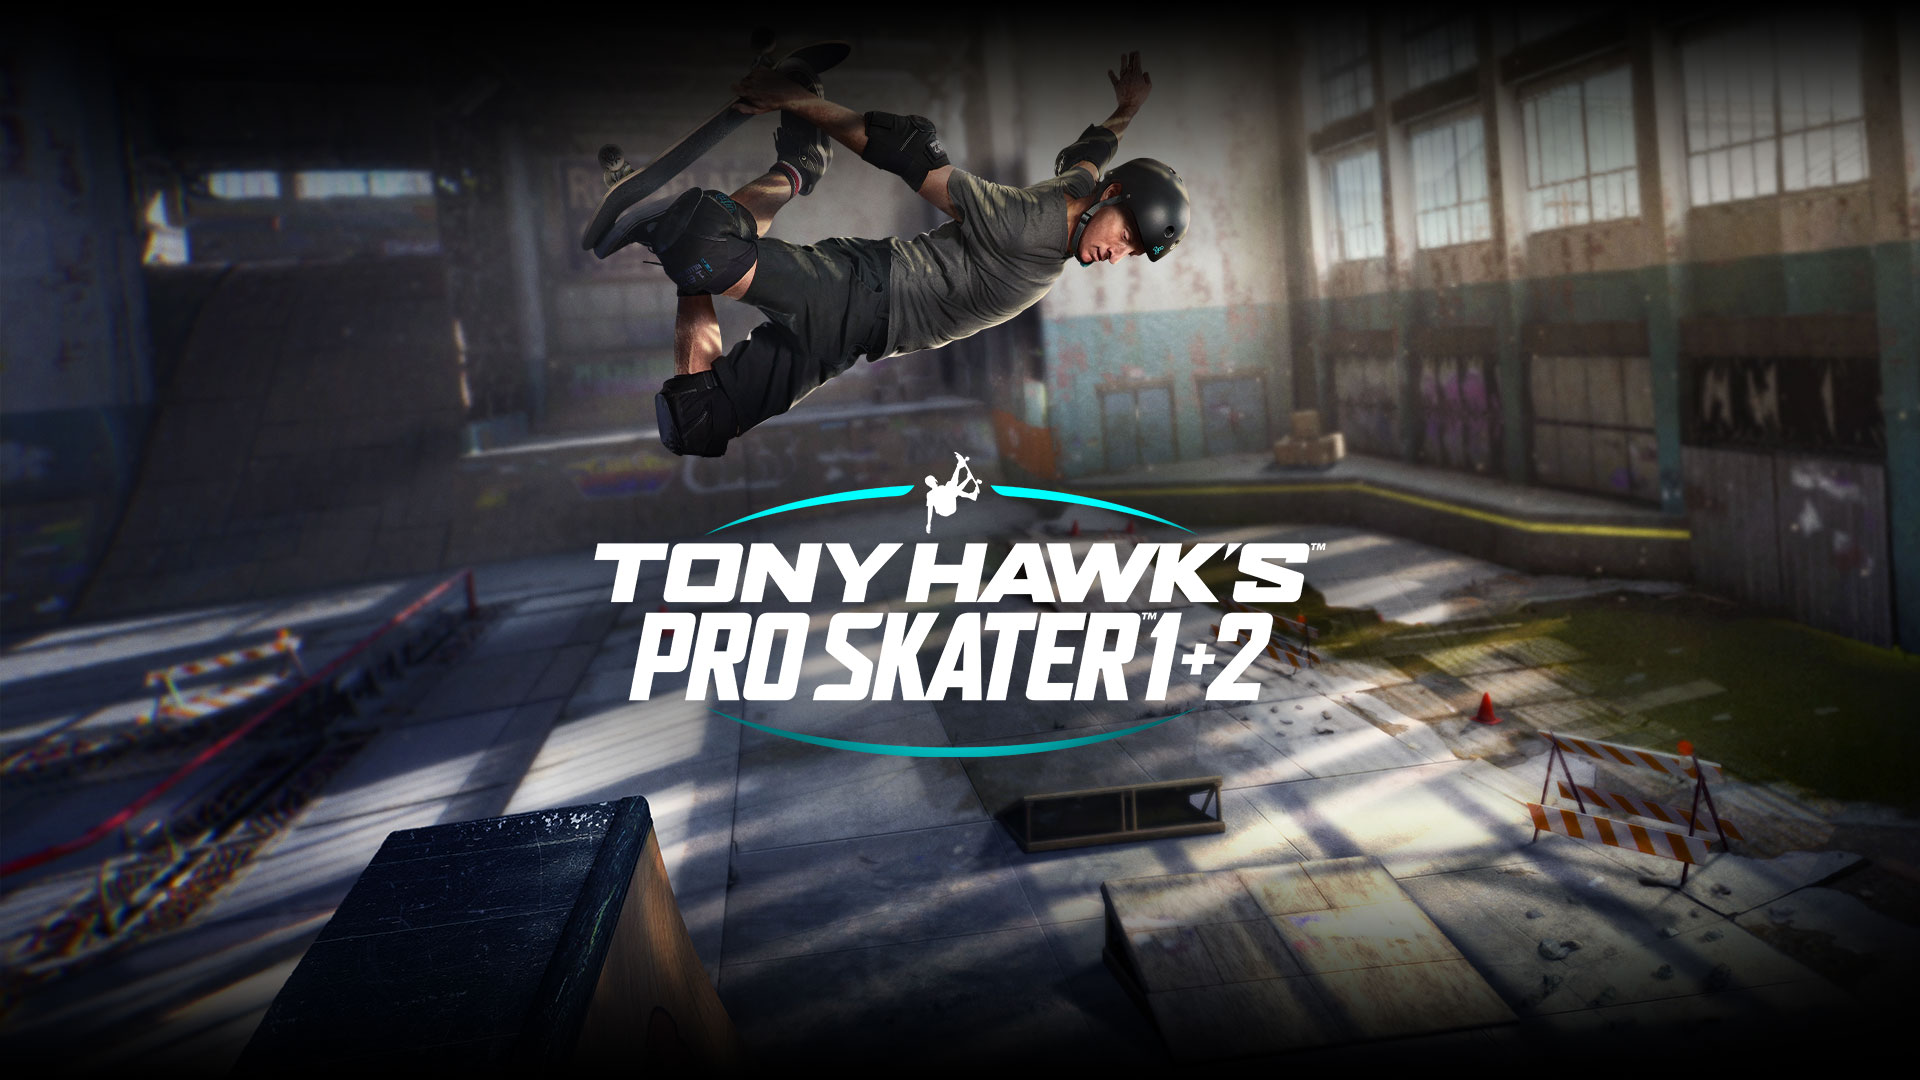 TONY HAWK'S PRO SKATER 1 AND 2 HACE UN FLIP HACIA LA ULTRA-HD, DISPONIBLE AHORA PARA LAS CONSOLAS NEXT-GEN